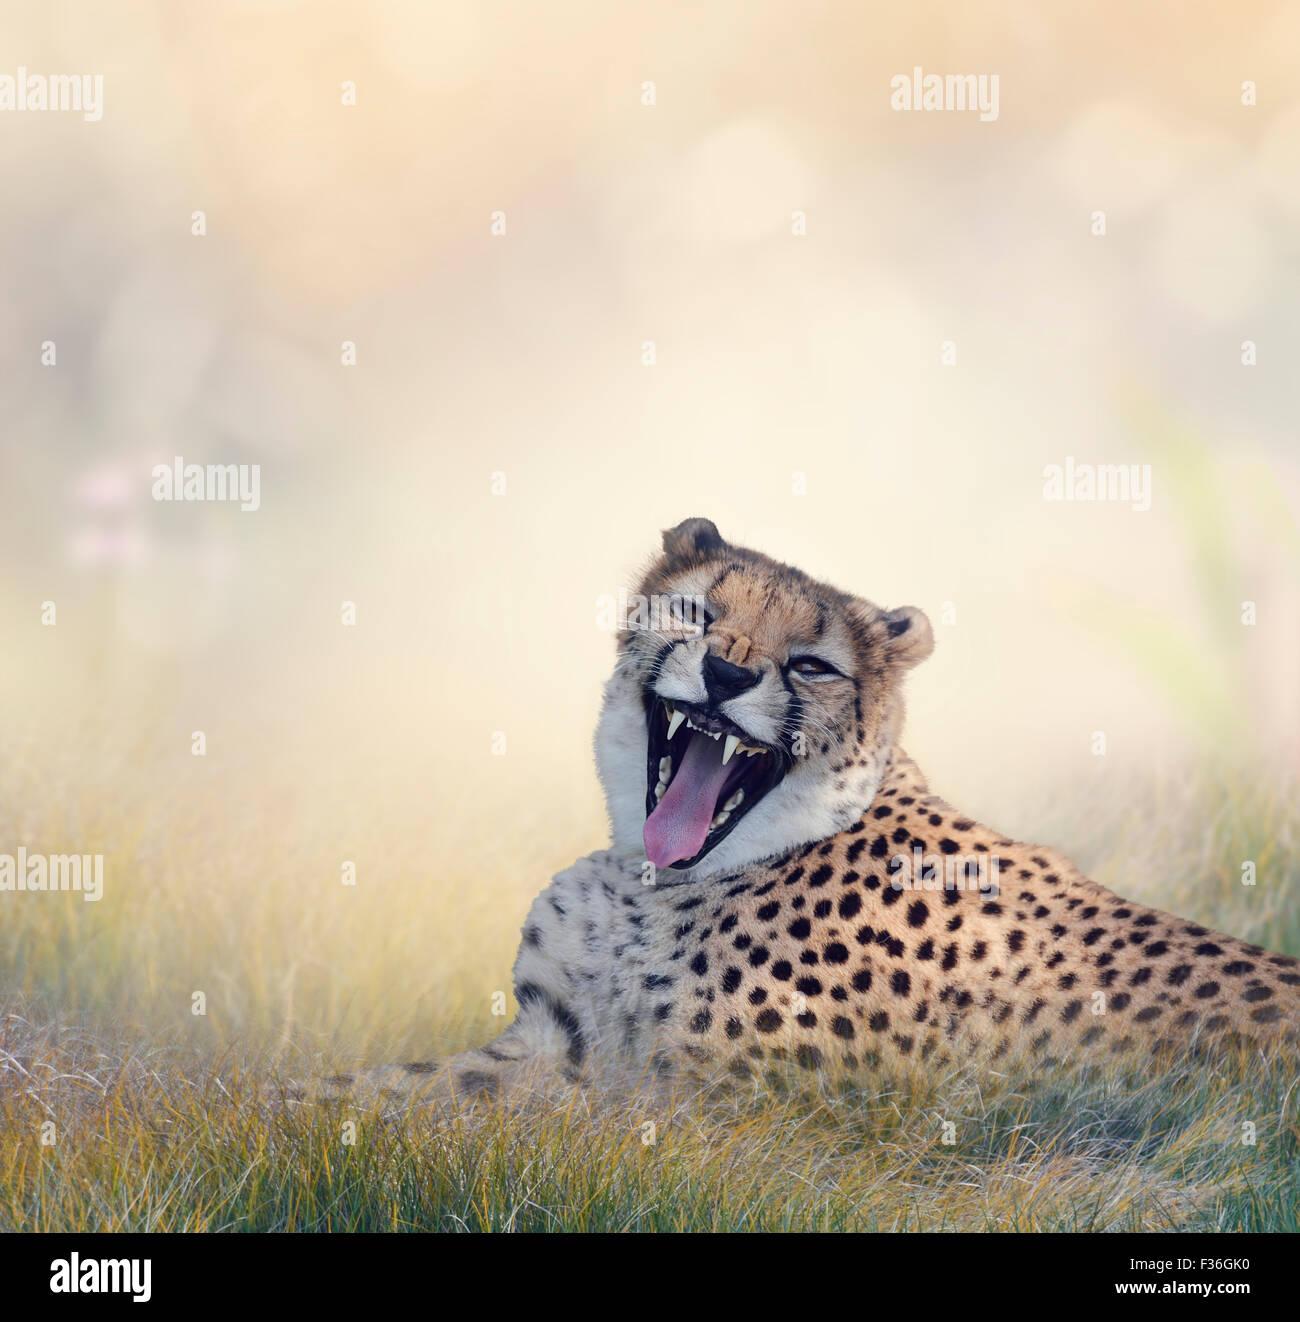 Le guépard se reposant sur l'herbe Photo Stock